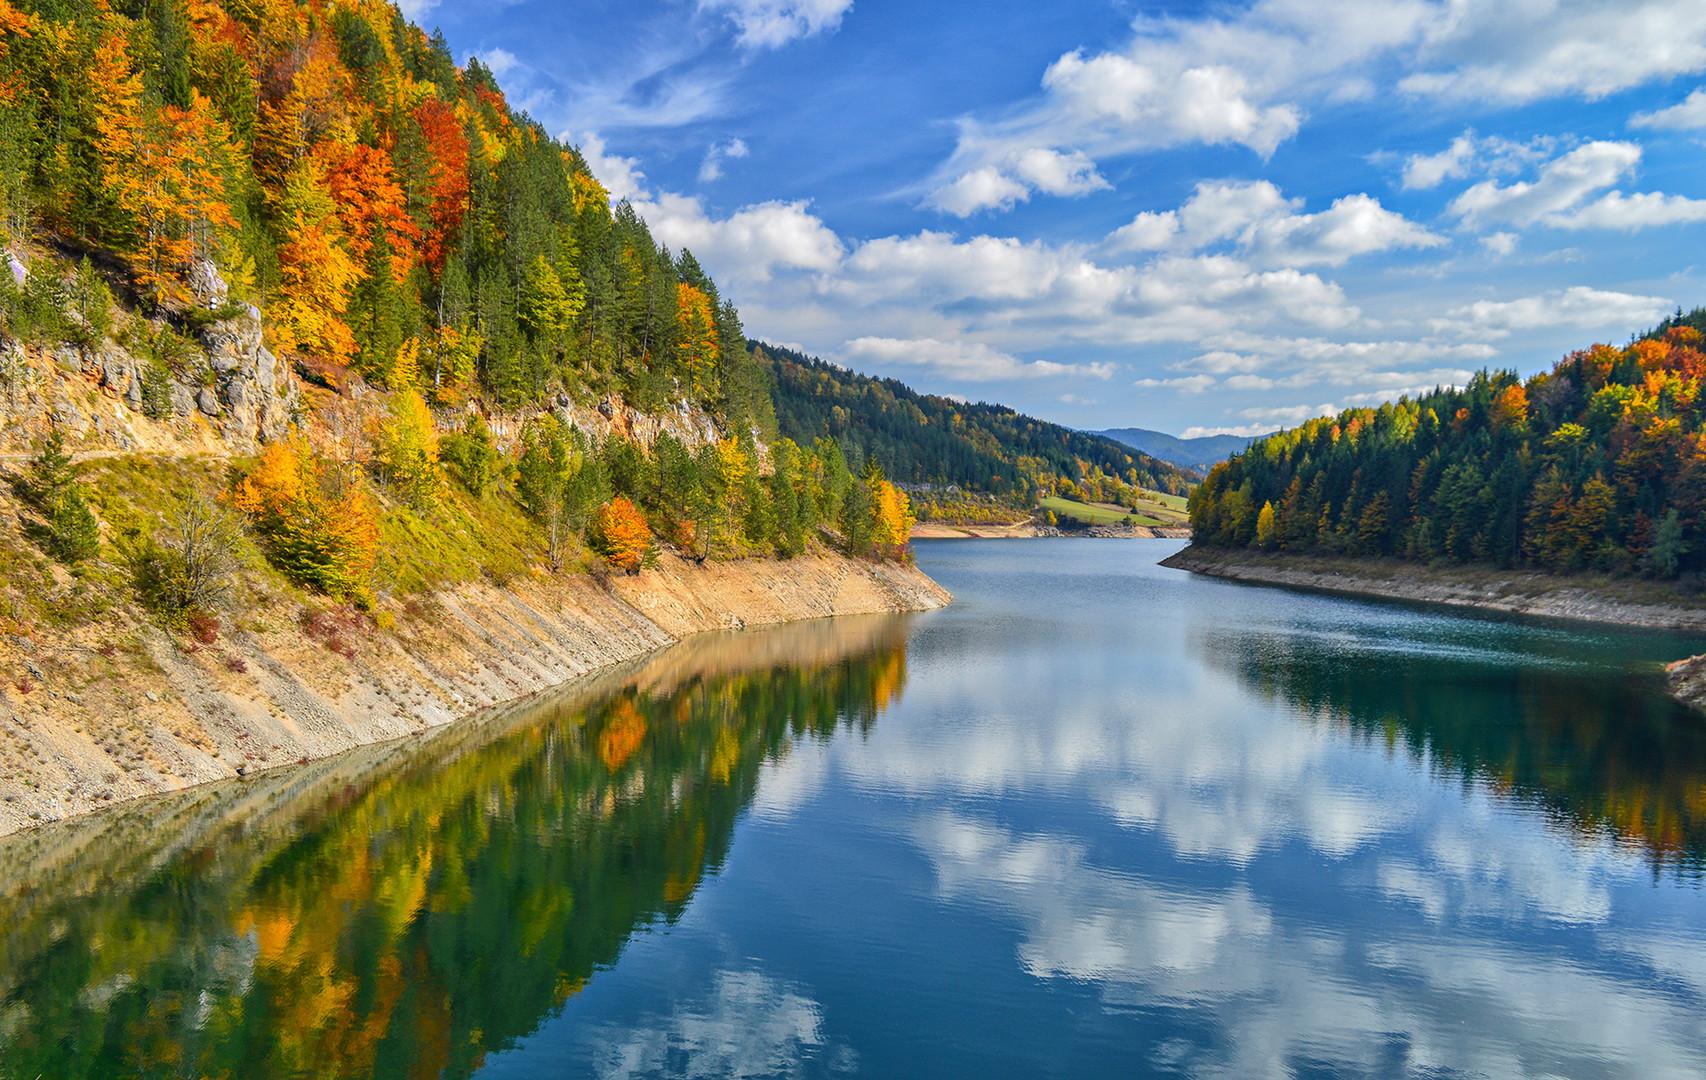 Jesen na jezeru Zaovine -Tara